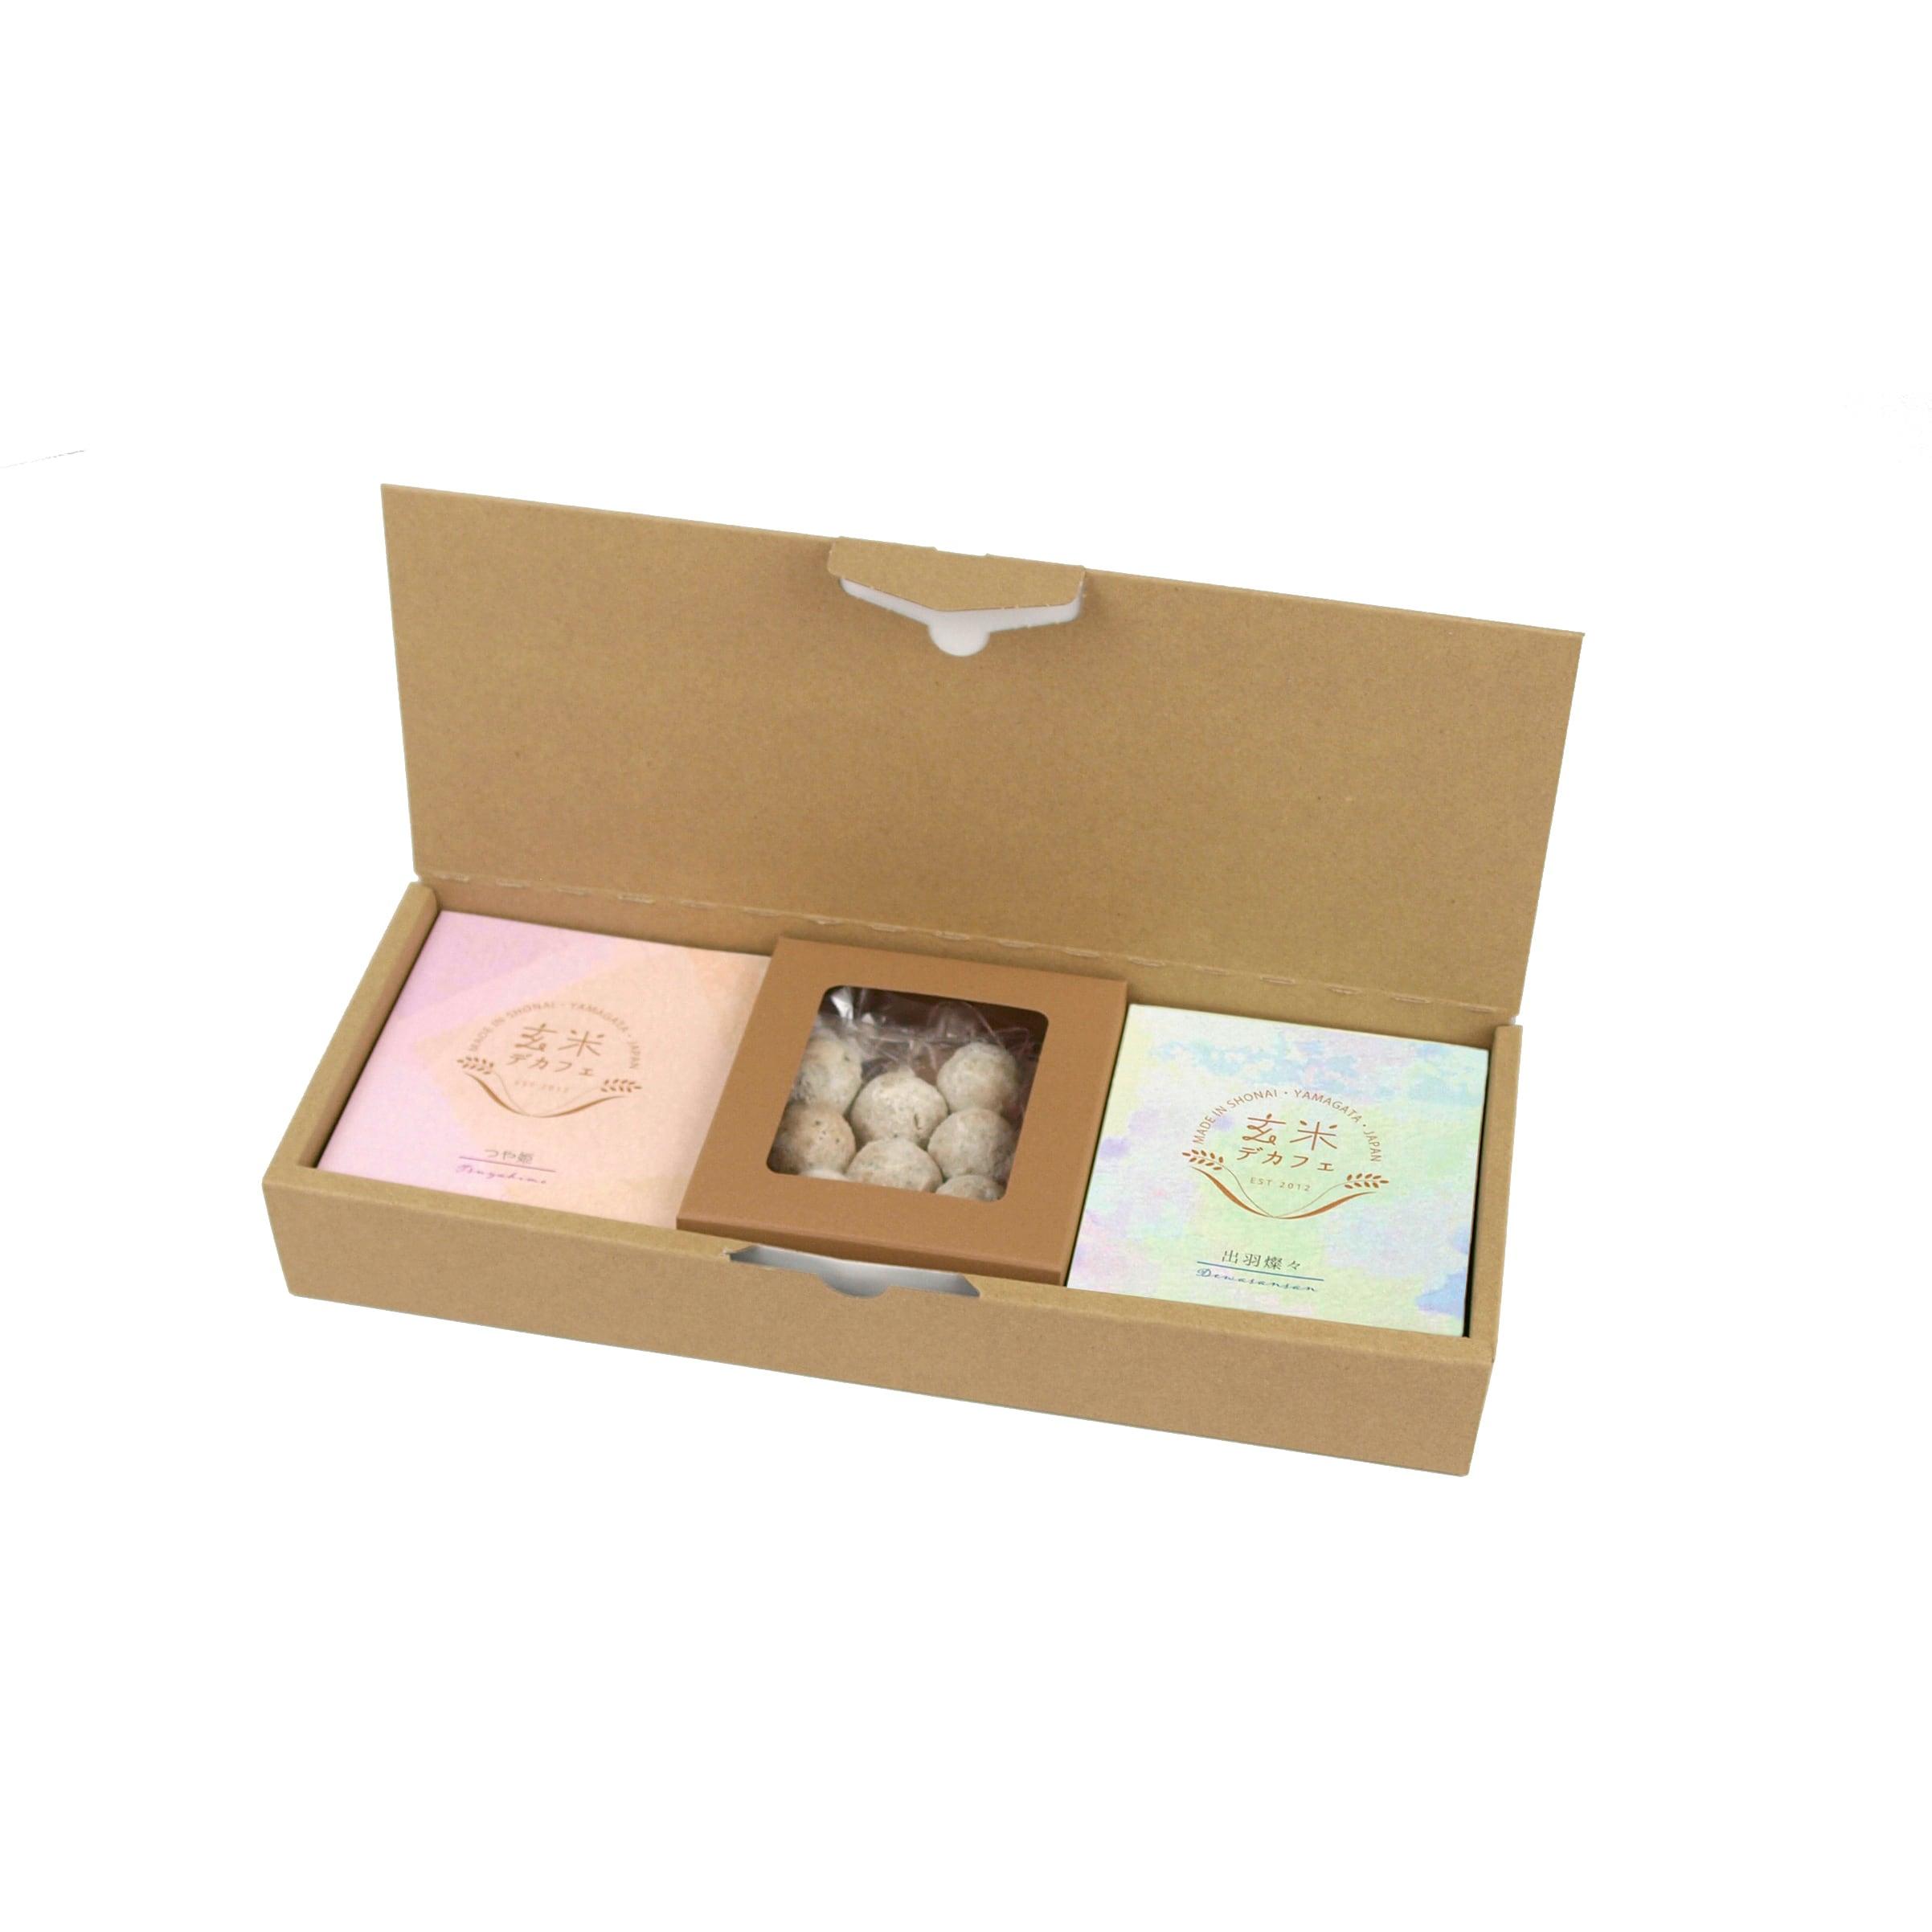 玄米デカフェ ギフトボックス 米粉クッキーセット